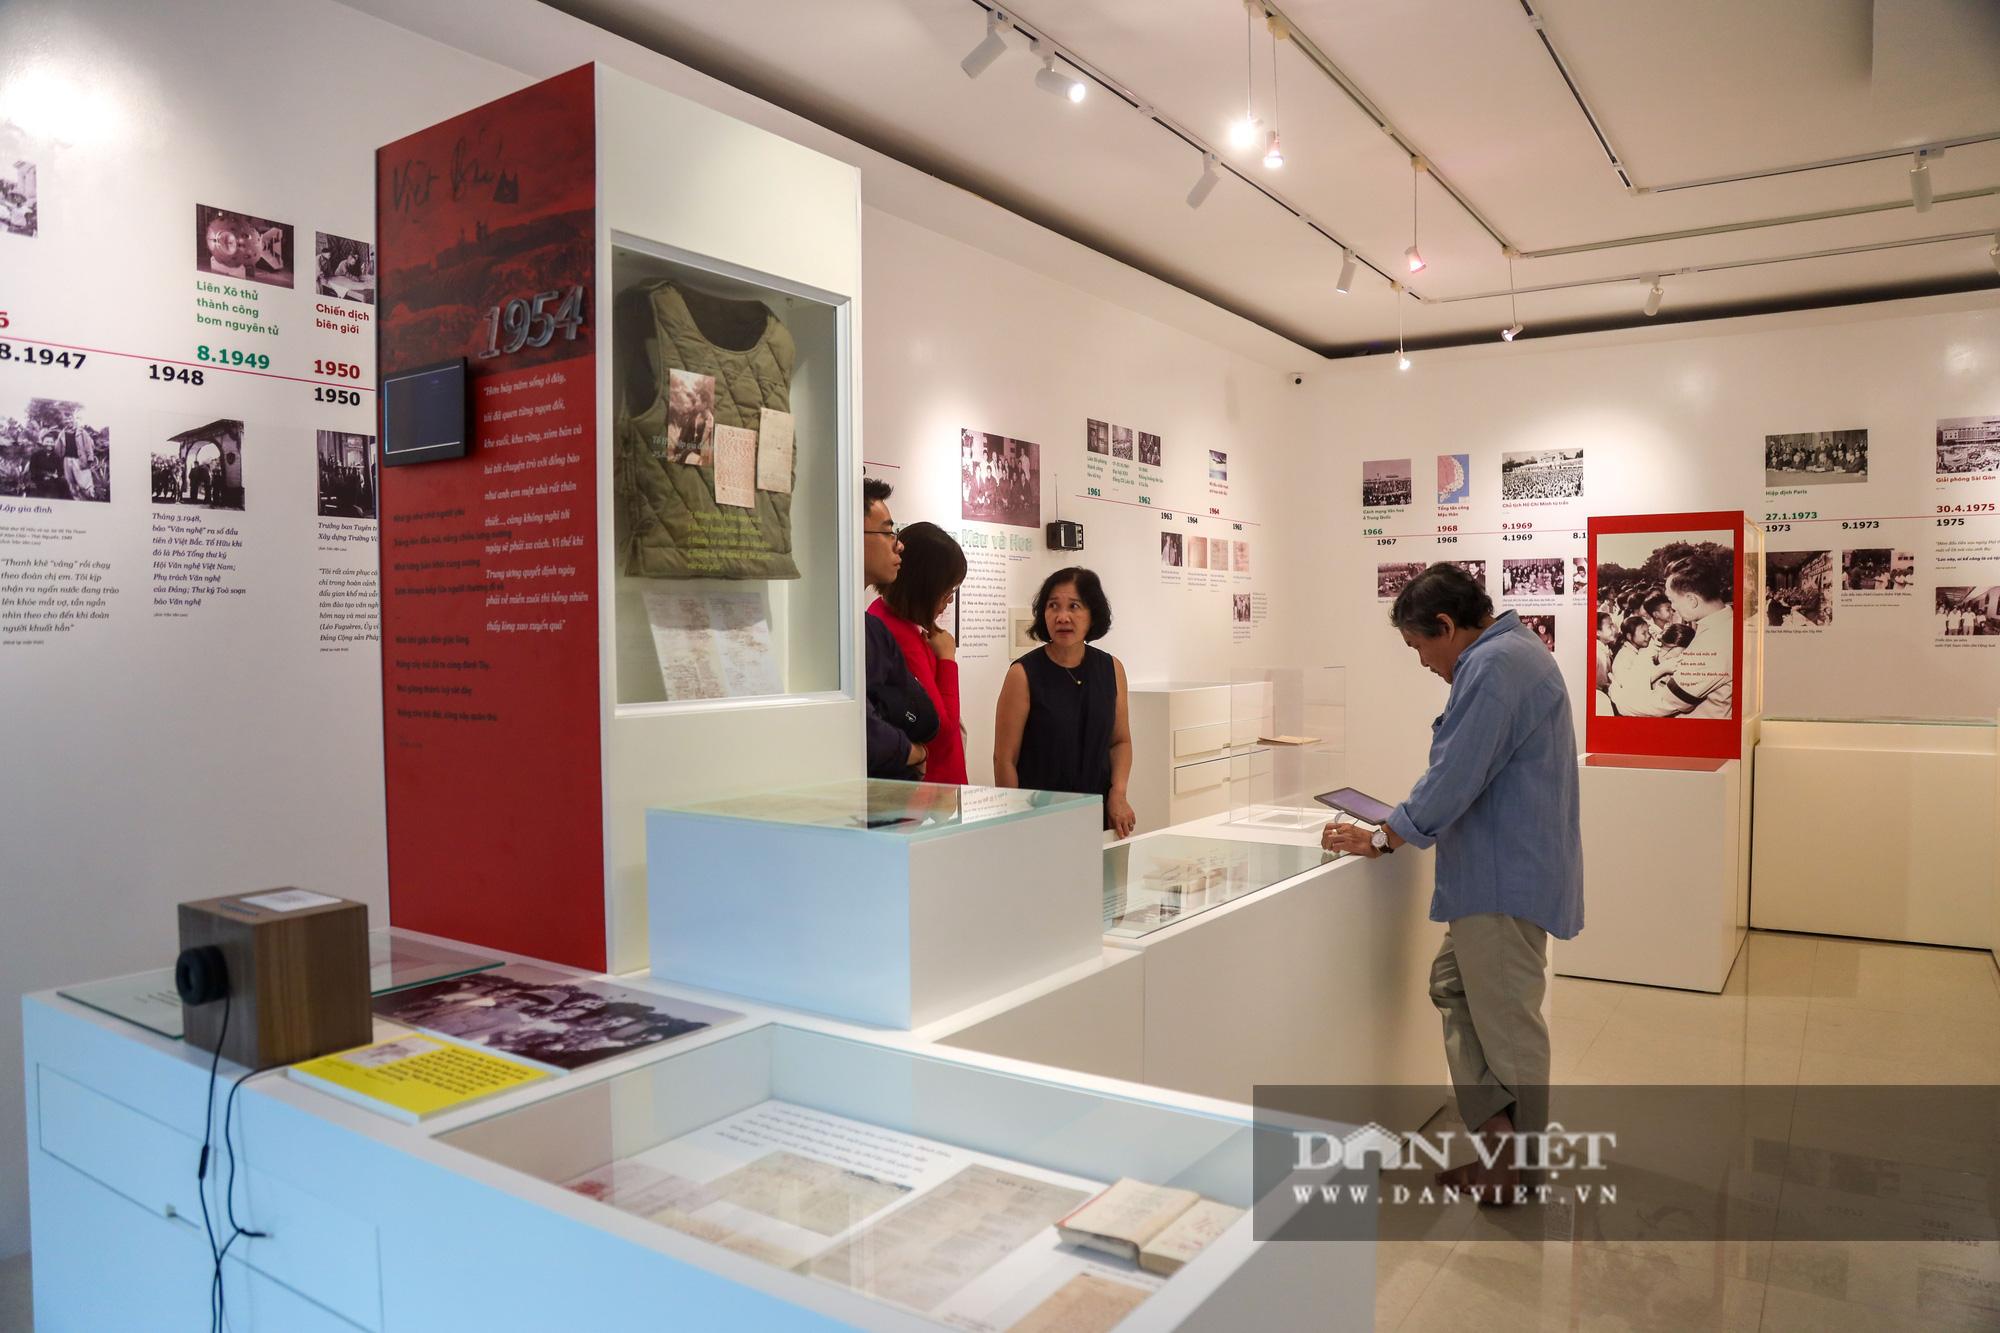 """Chiêm ngưỡng """"bảo tàng thơ"""" Tố Hữu mới xuất hiện tại Hà Nội - Ảnh 1."""